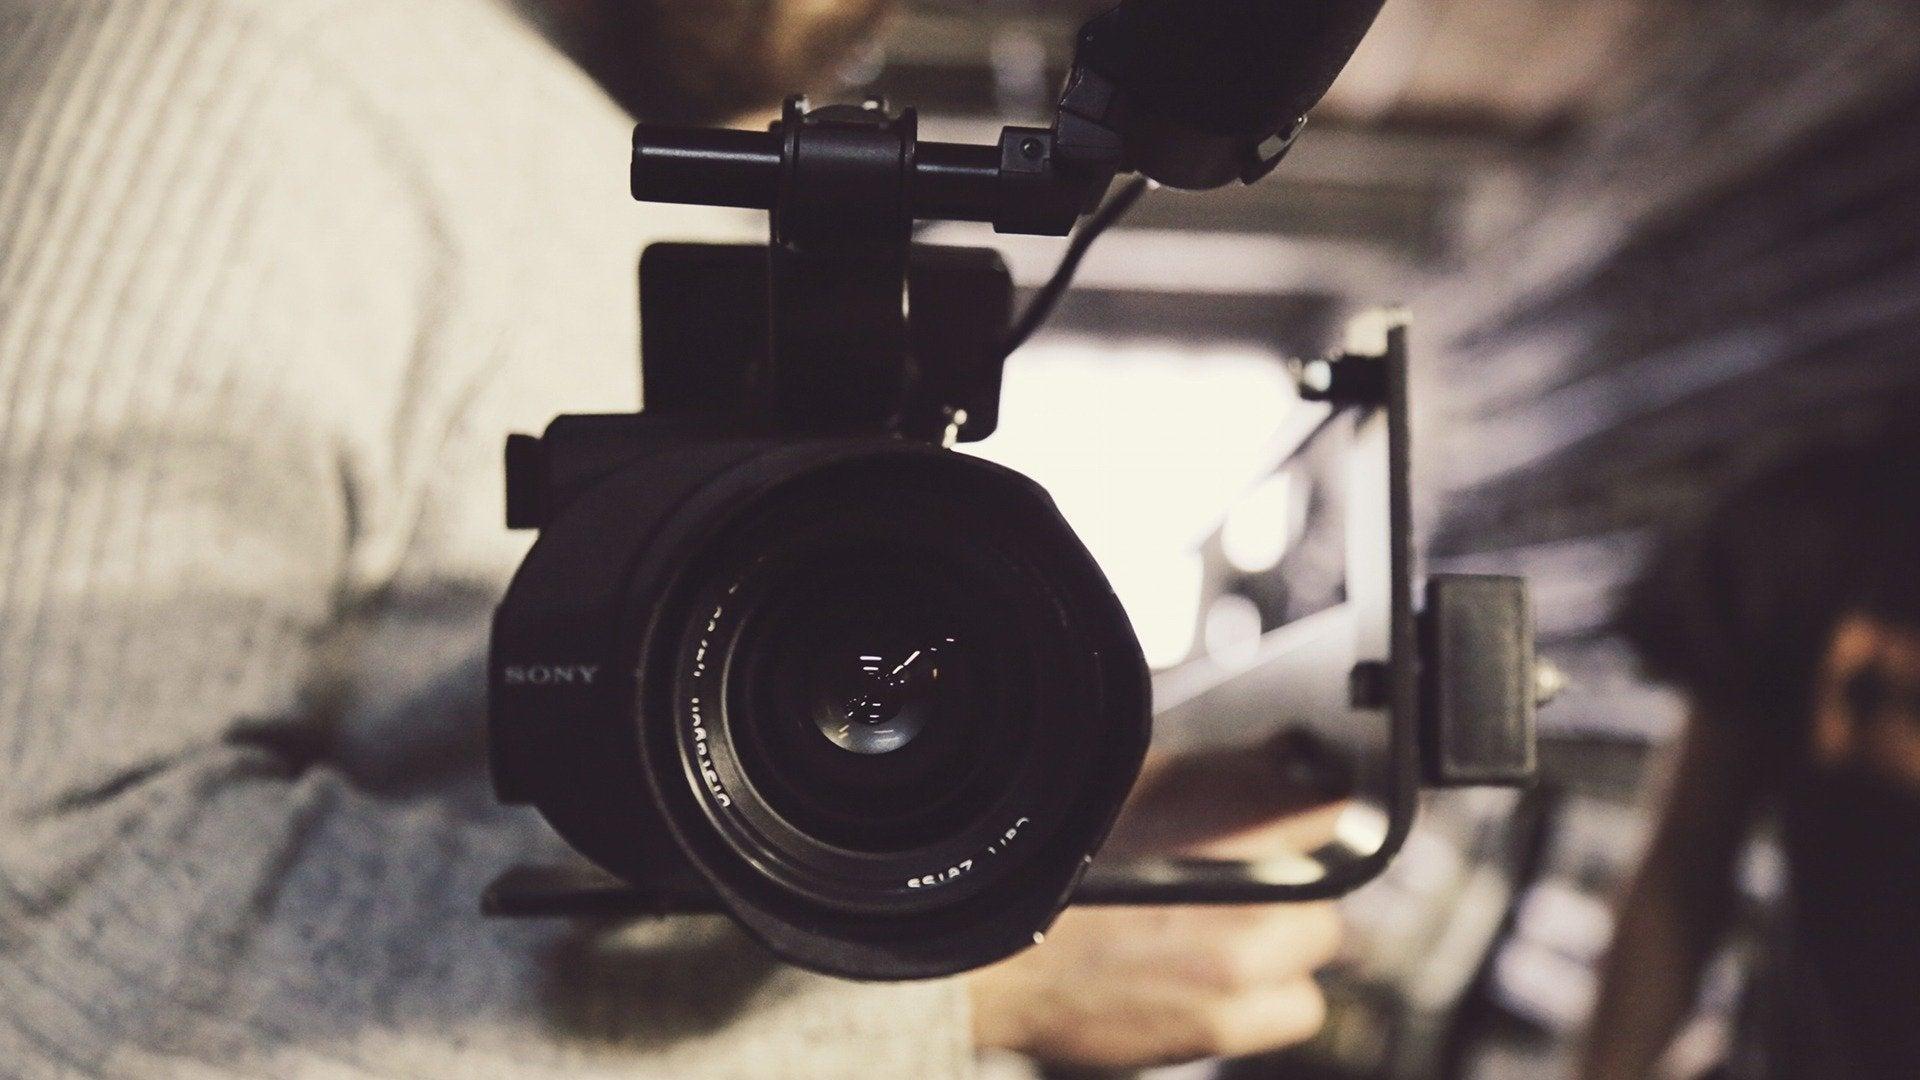 Beyond the Lens 3